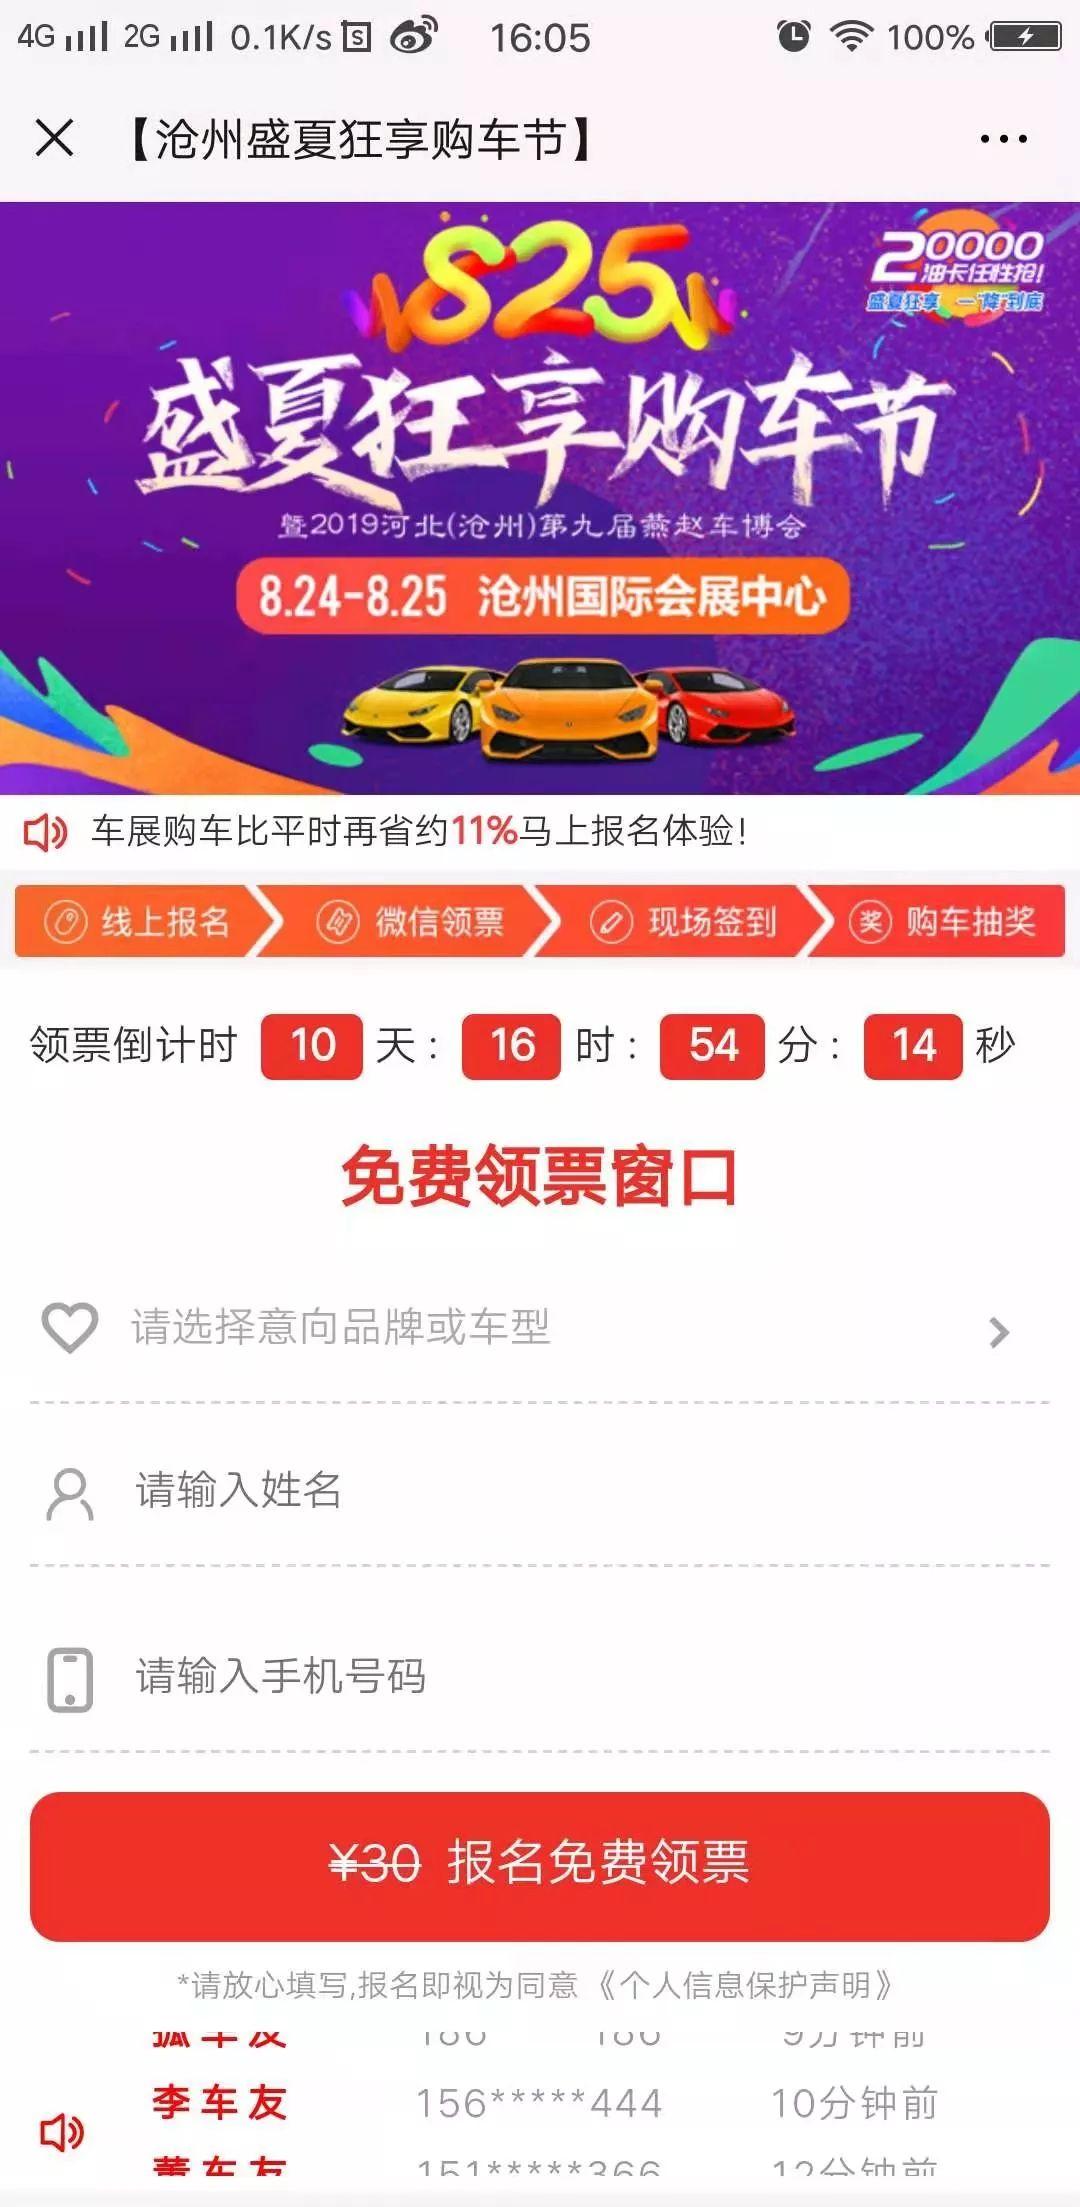 沧州燕赵车博会门票